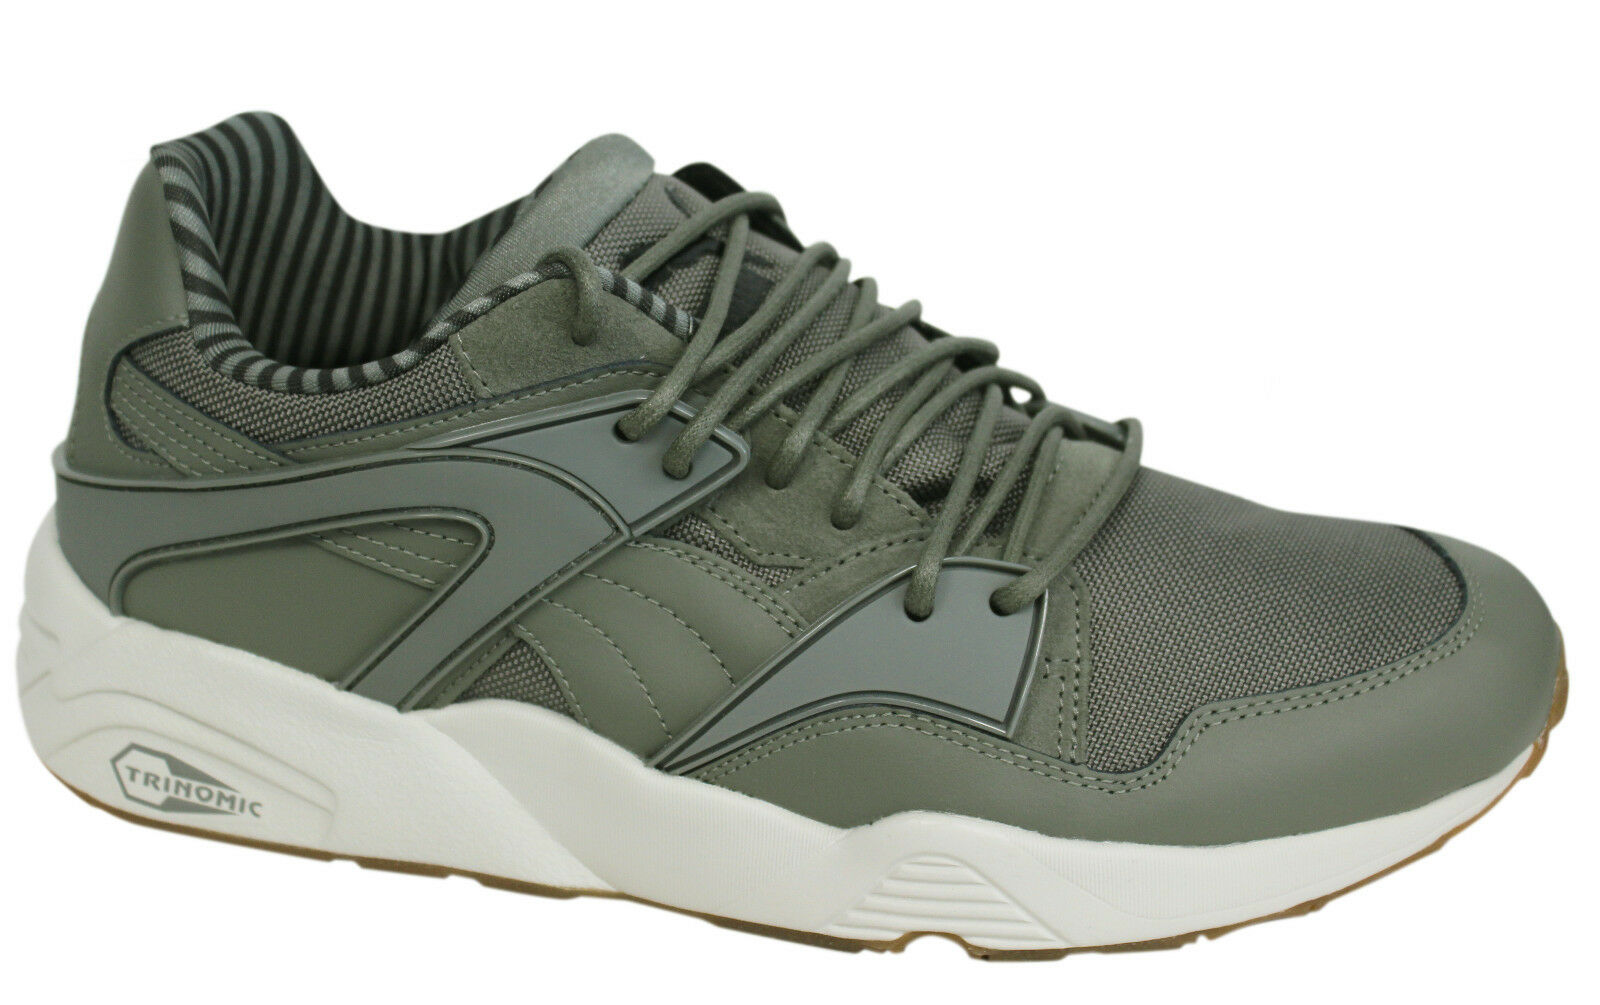 Puma Trinomic Blaze Citi Series Mens Lace Up Grey Trainers 359993 02 D126